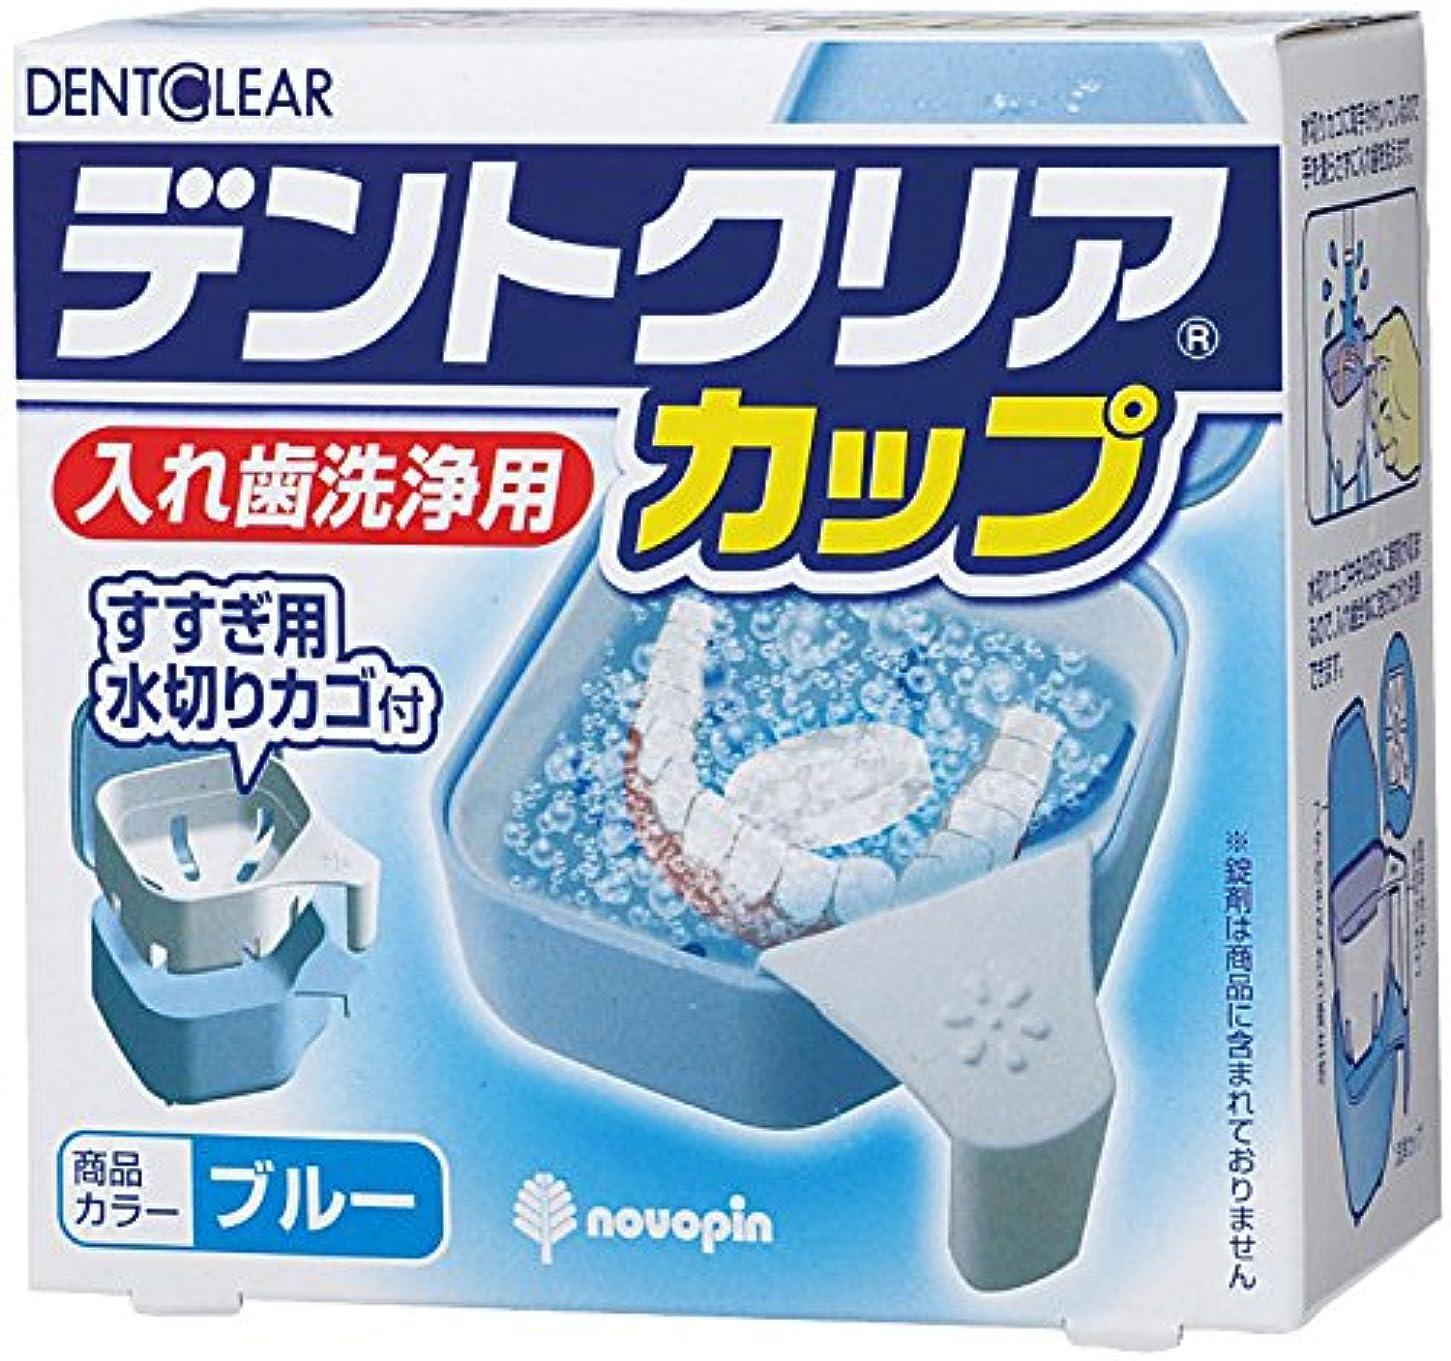 追い払う誤ライトニング紀陽除虫菊 入れ歯ケース 日本製 デントクリア カップ (ブルー/水切りカゴ付) コンパクト